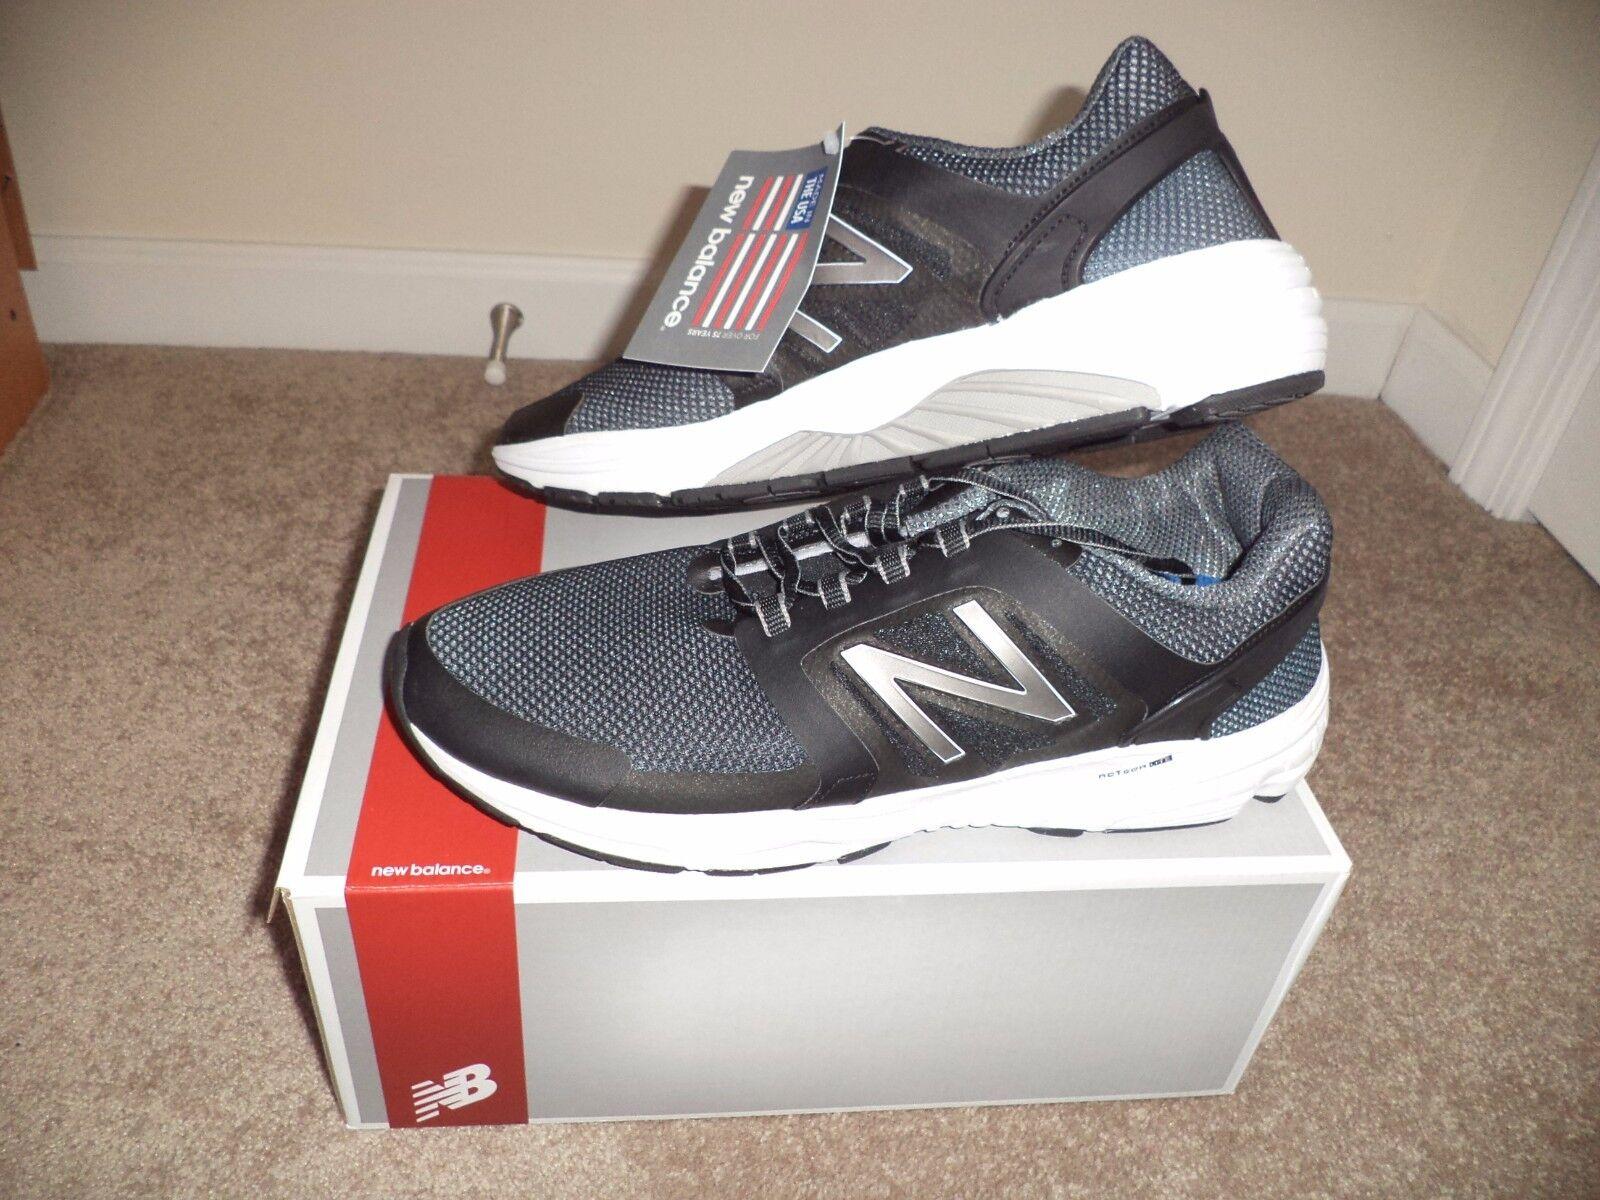 New Balance corrientes m3040bk1 control óptimo zapatos corrientes Balance de los hombres de SZ 11 m, negro, blanco 61aba1